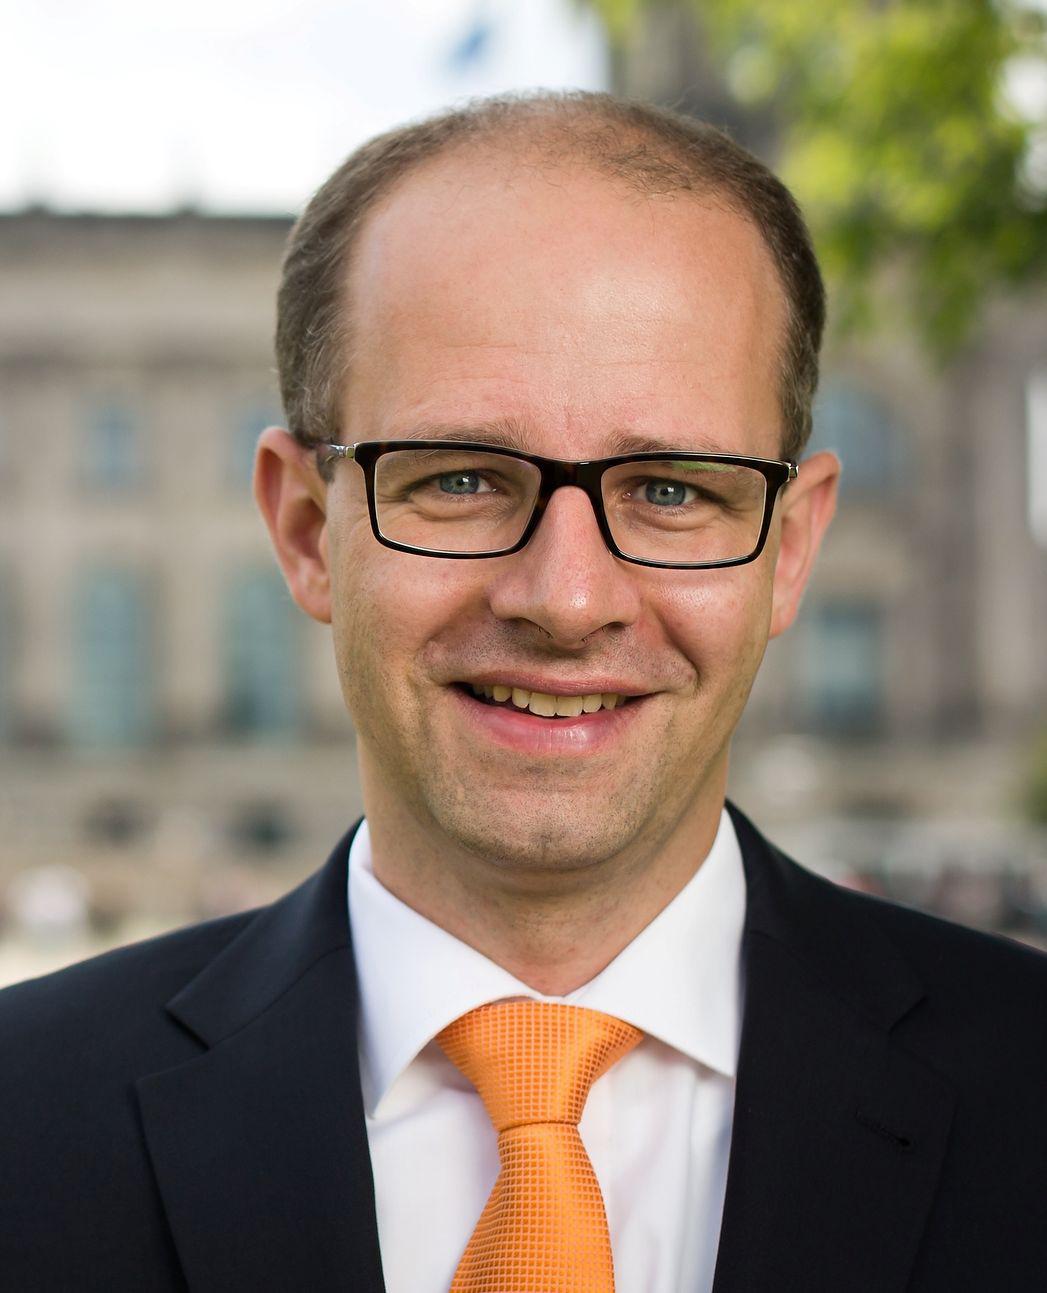 Michael Brand Politician Wikipedia